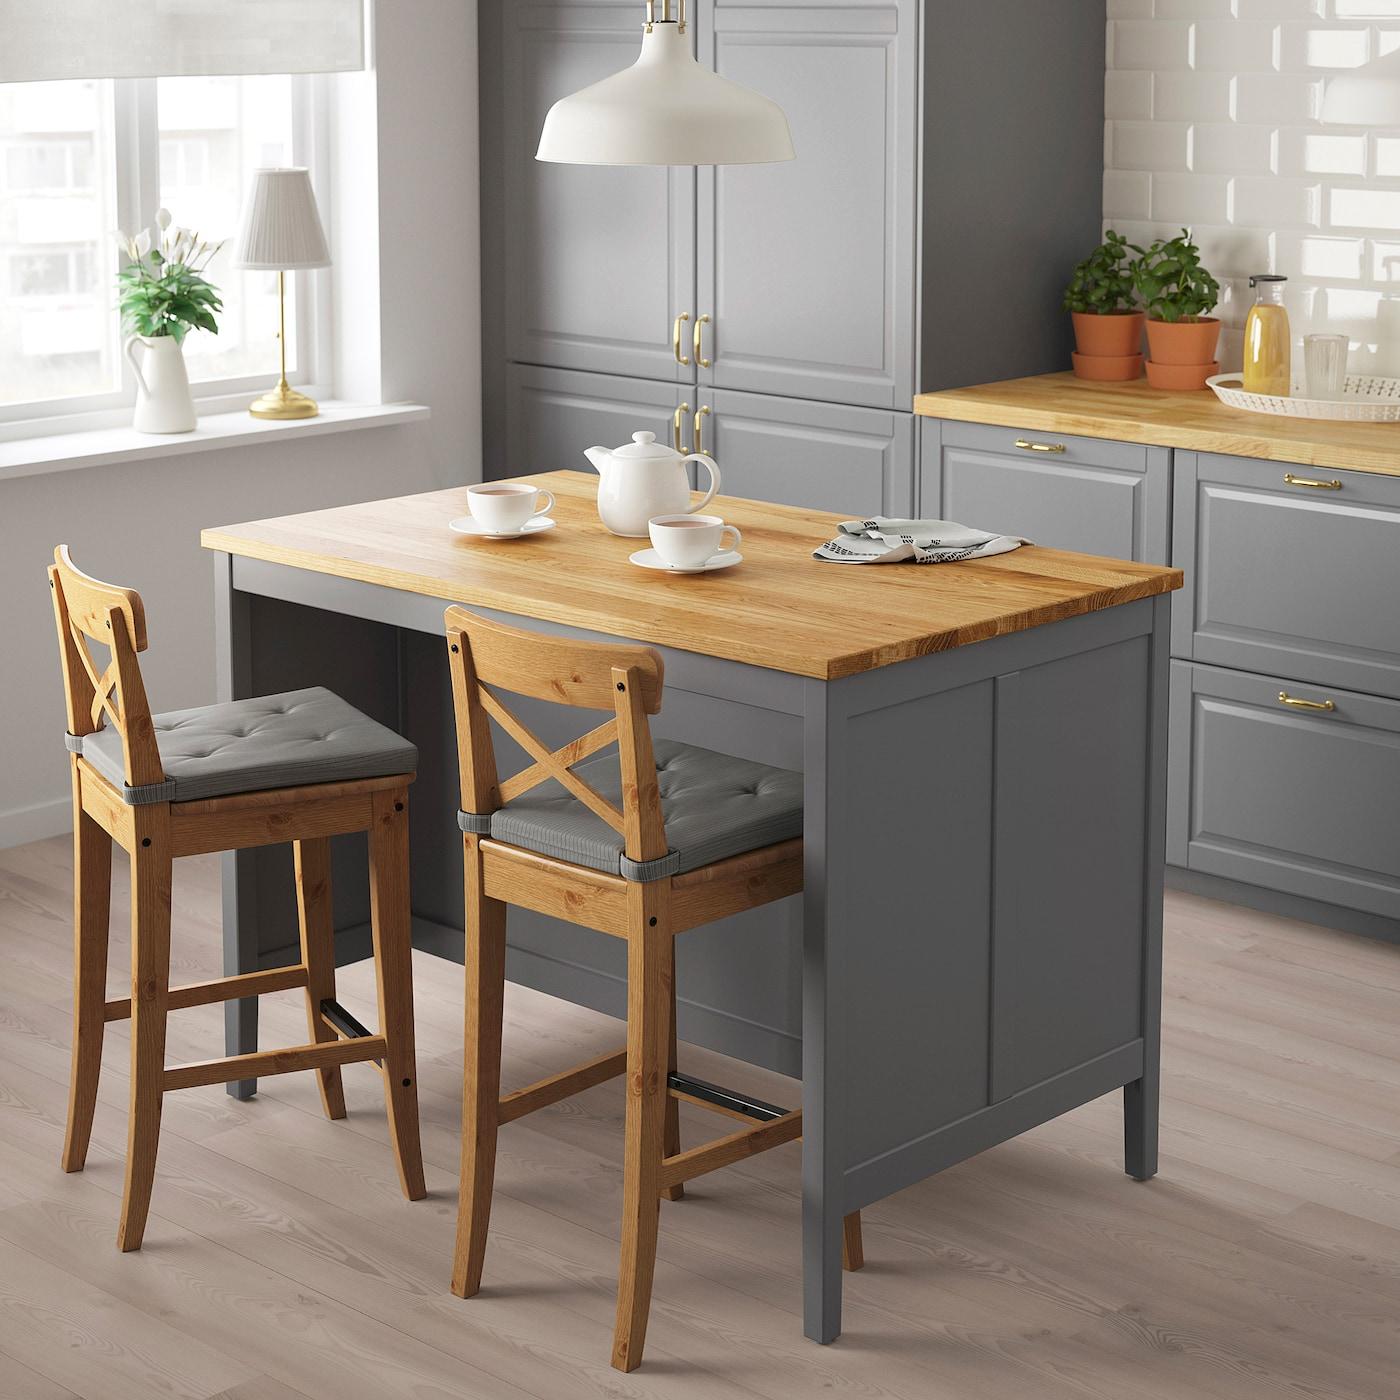 Full Size of Kücheninseln Ikea Modulküche Sofa Mit Schlaffunktion Küche Kaufen Betten Bei Kosten Miniküche 160x200 Wohnzimmer Kücheninseln Ikea